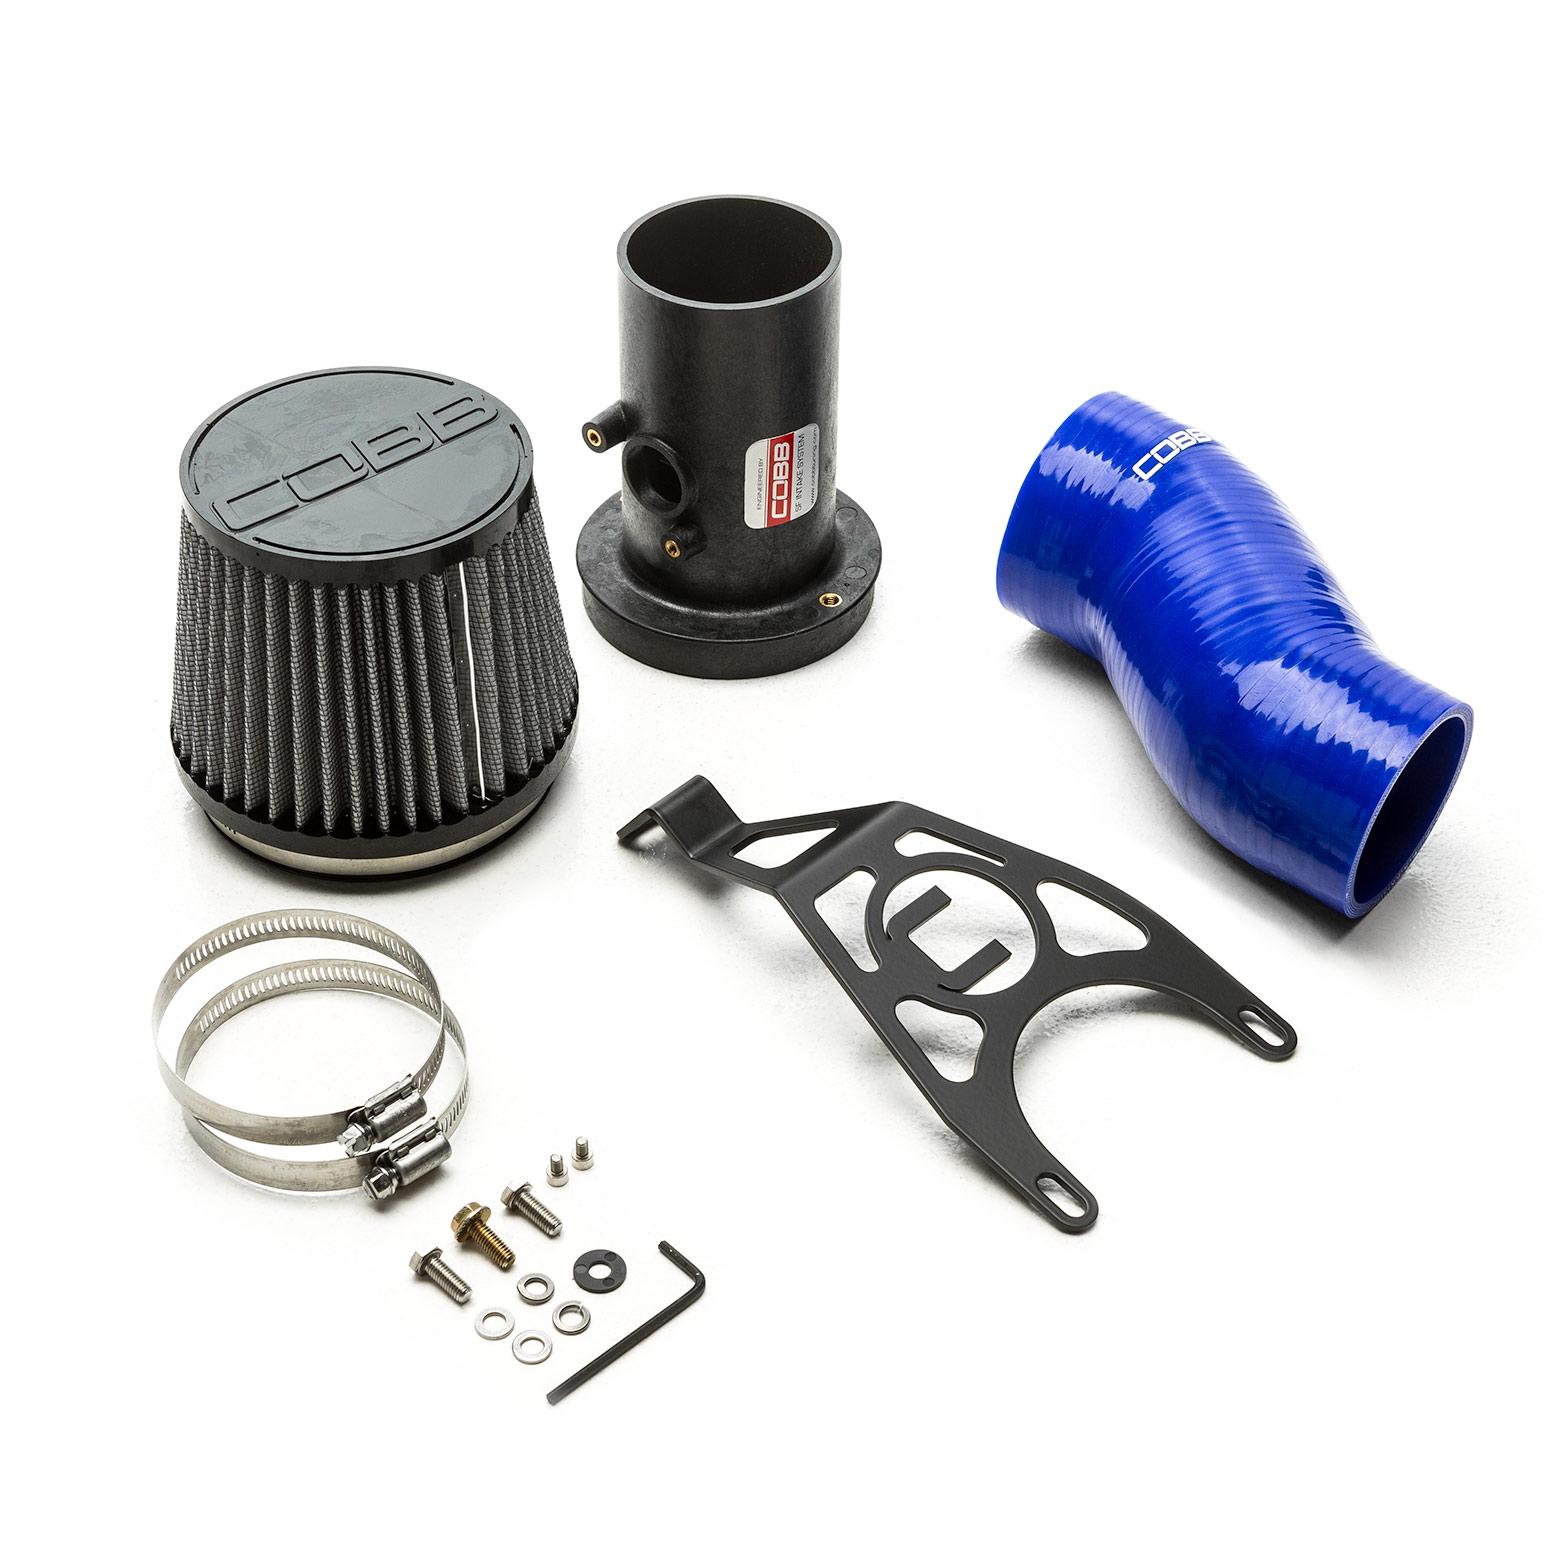 Cobb Tuning Subaru Sf Intake And Sf Airbox Kit